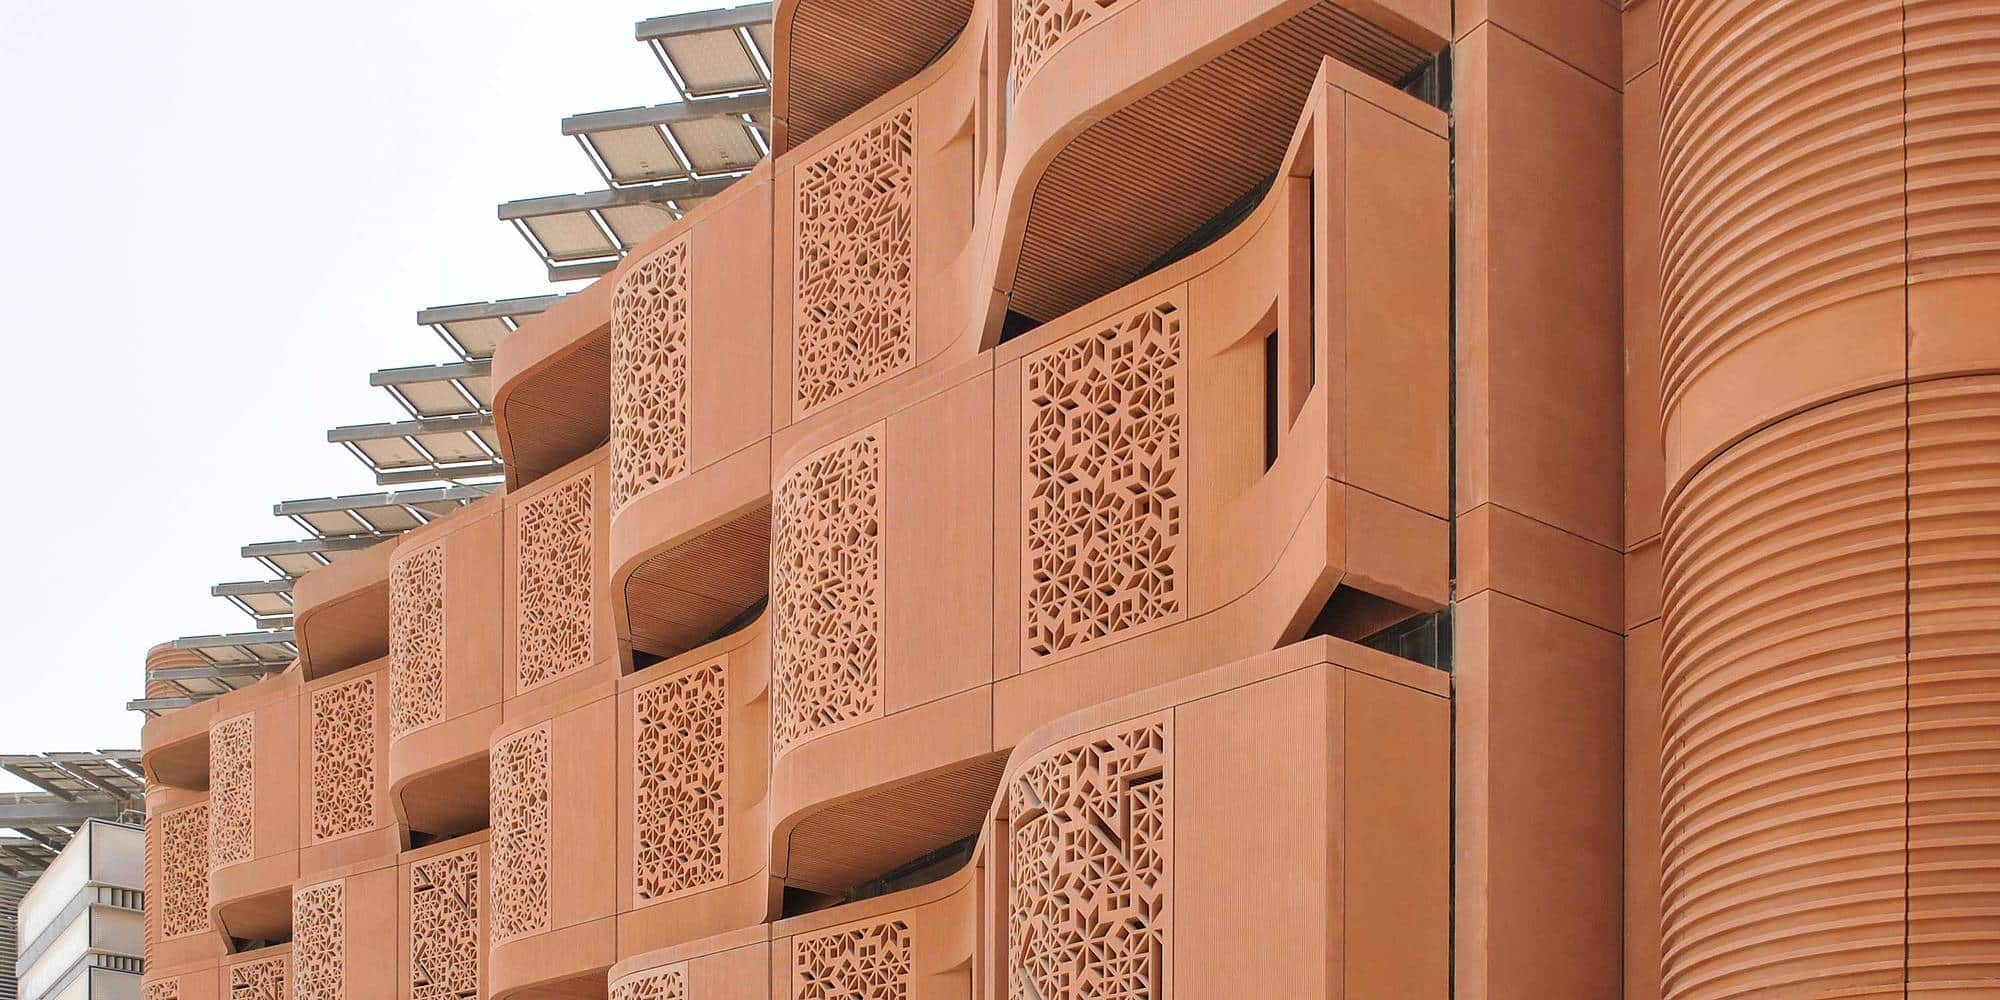 RECKLI Masday City UAE